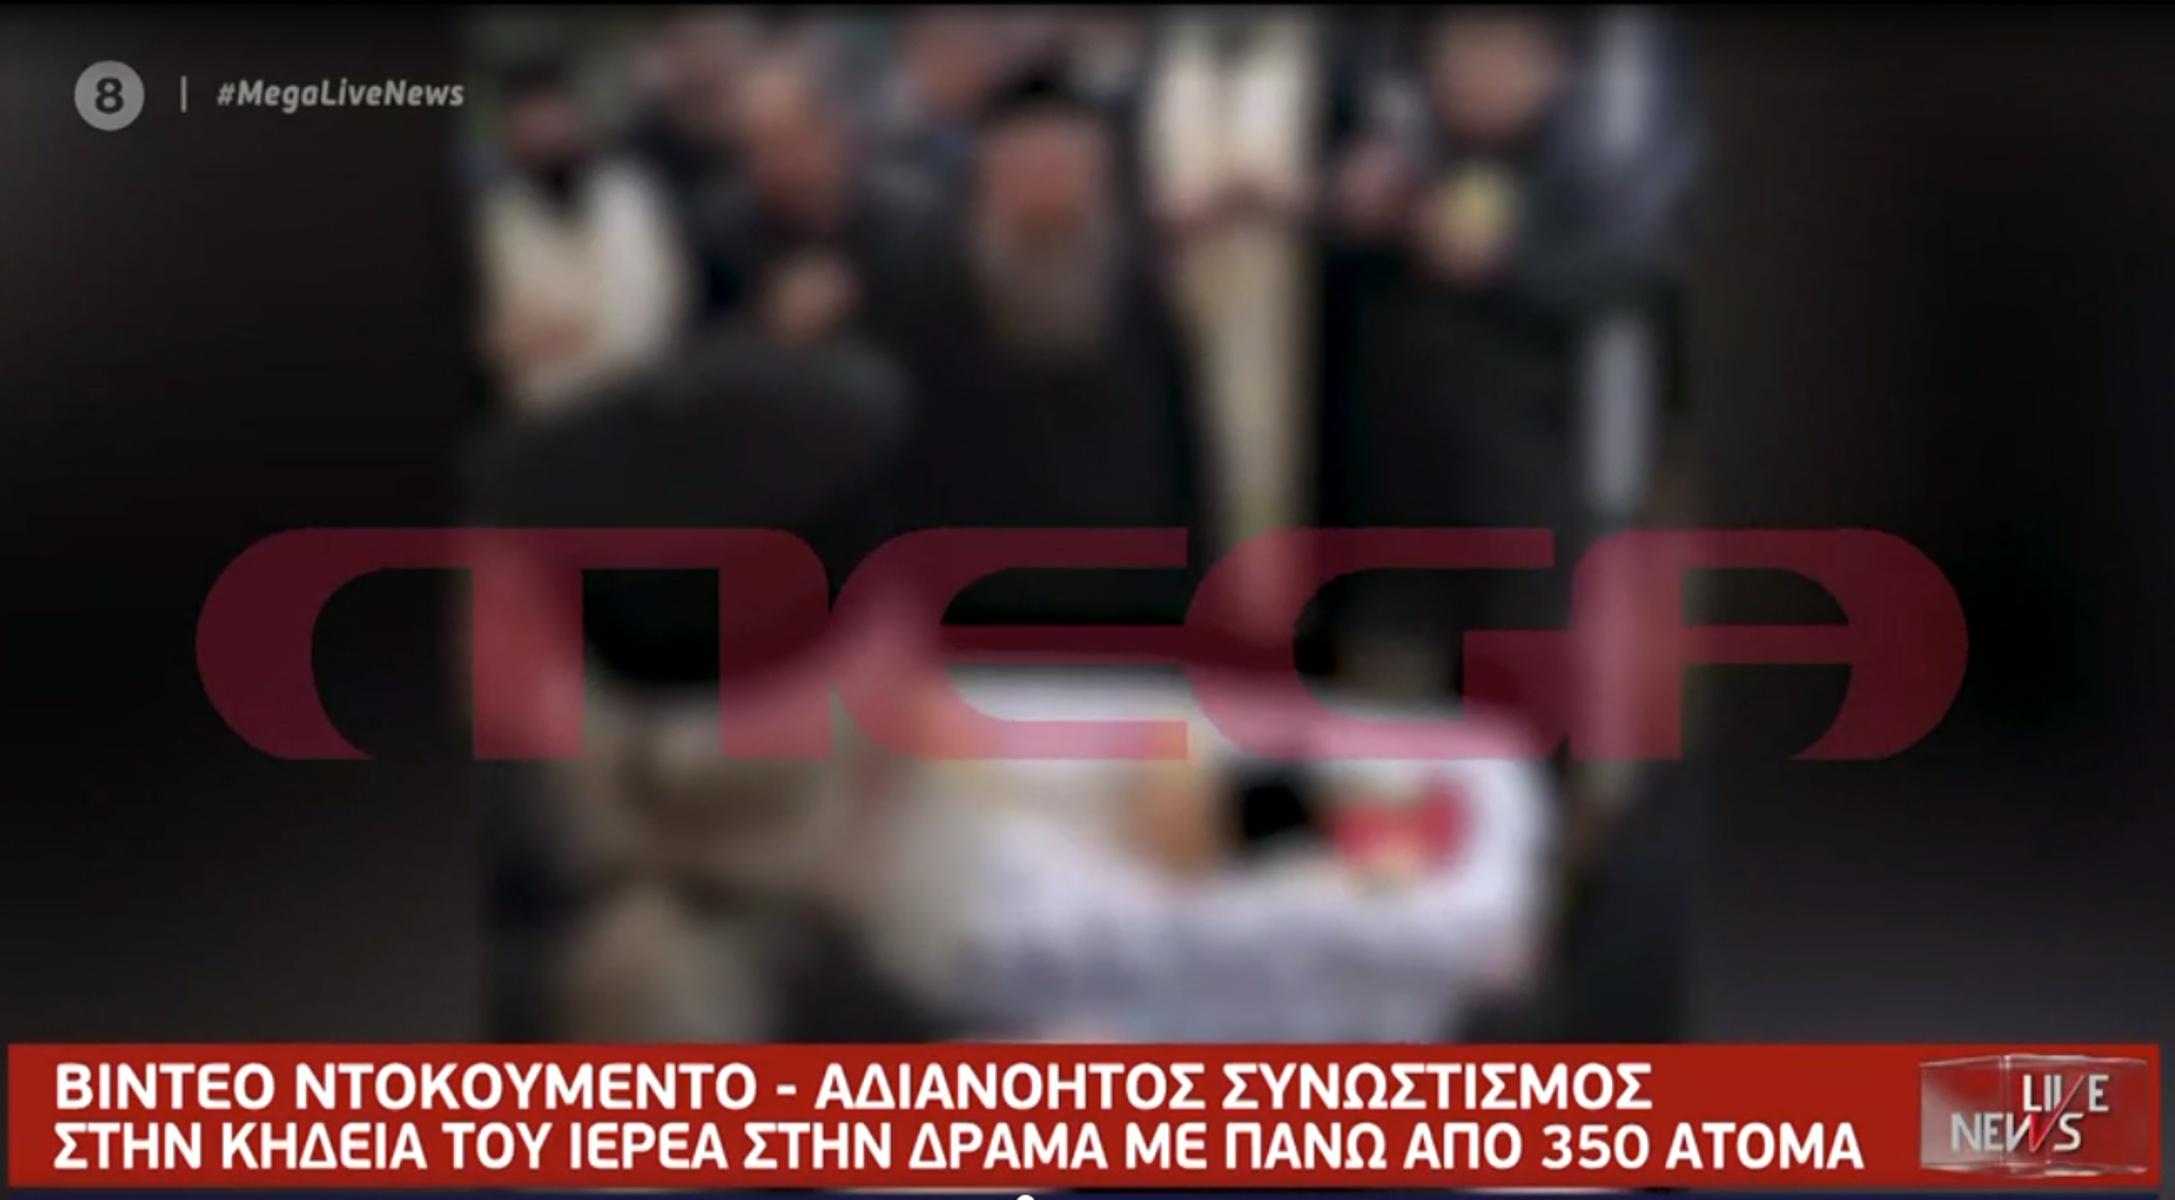 Δράμα: Βίντεο ντοκουμέντο από απίστευτο συνωστισμό σε κηδεία – Πομπή εκατοντάδων ανθρώπων